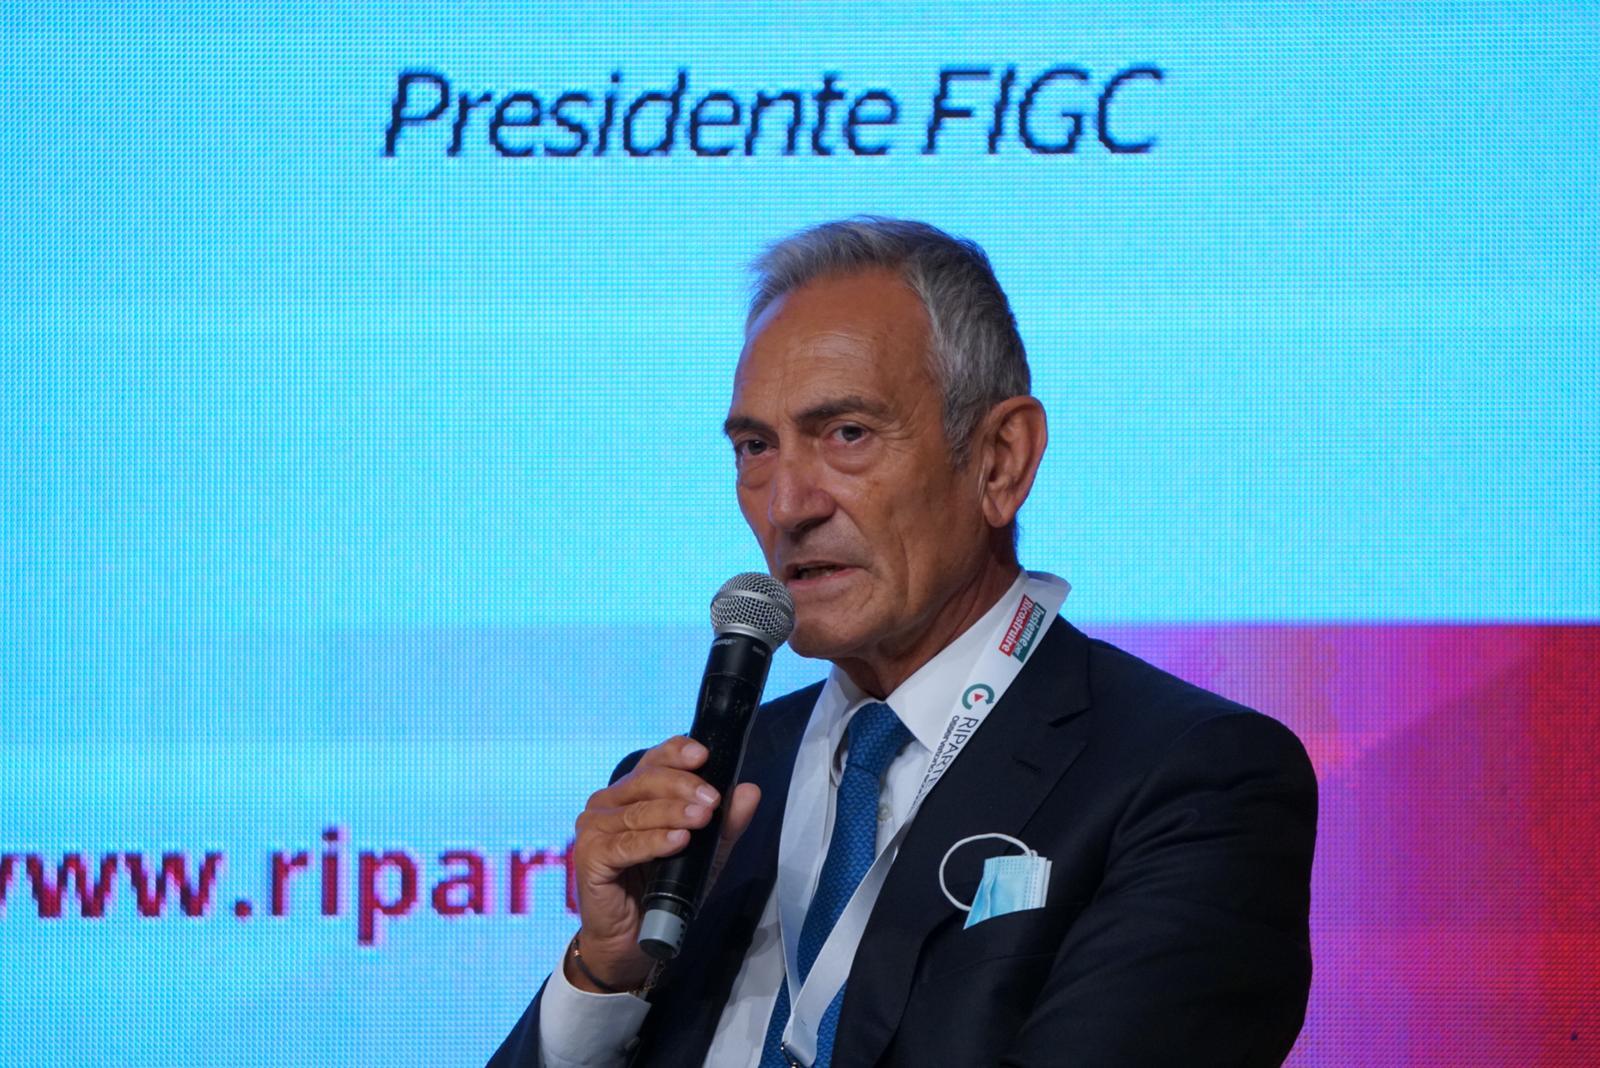 Calcio, Gravina: 2020 difficile ma abbiamo saputo reagire